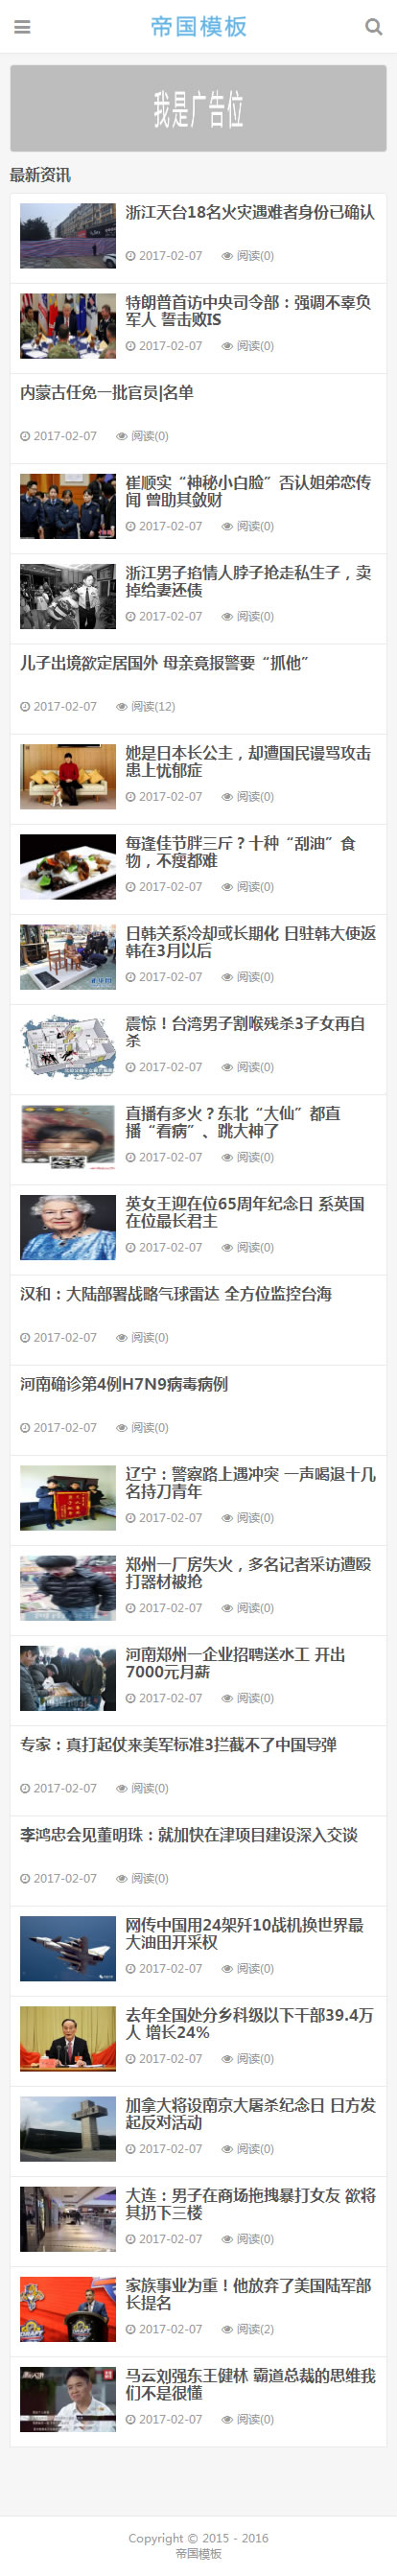 帝国cms自适应手机简洁大气新闻博客资讯类网站模板_手机首页模板